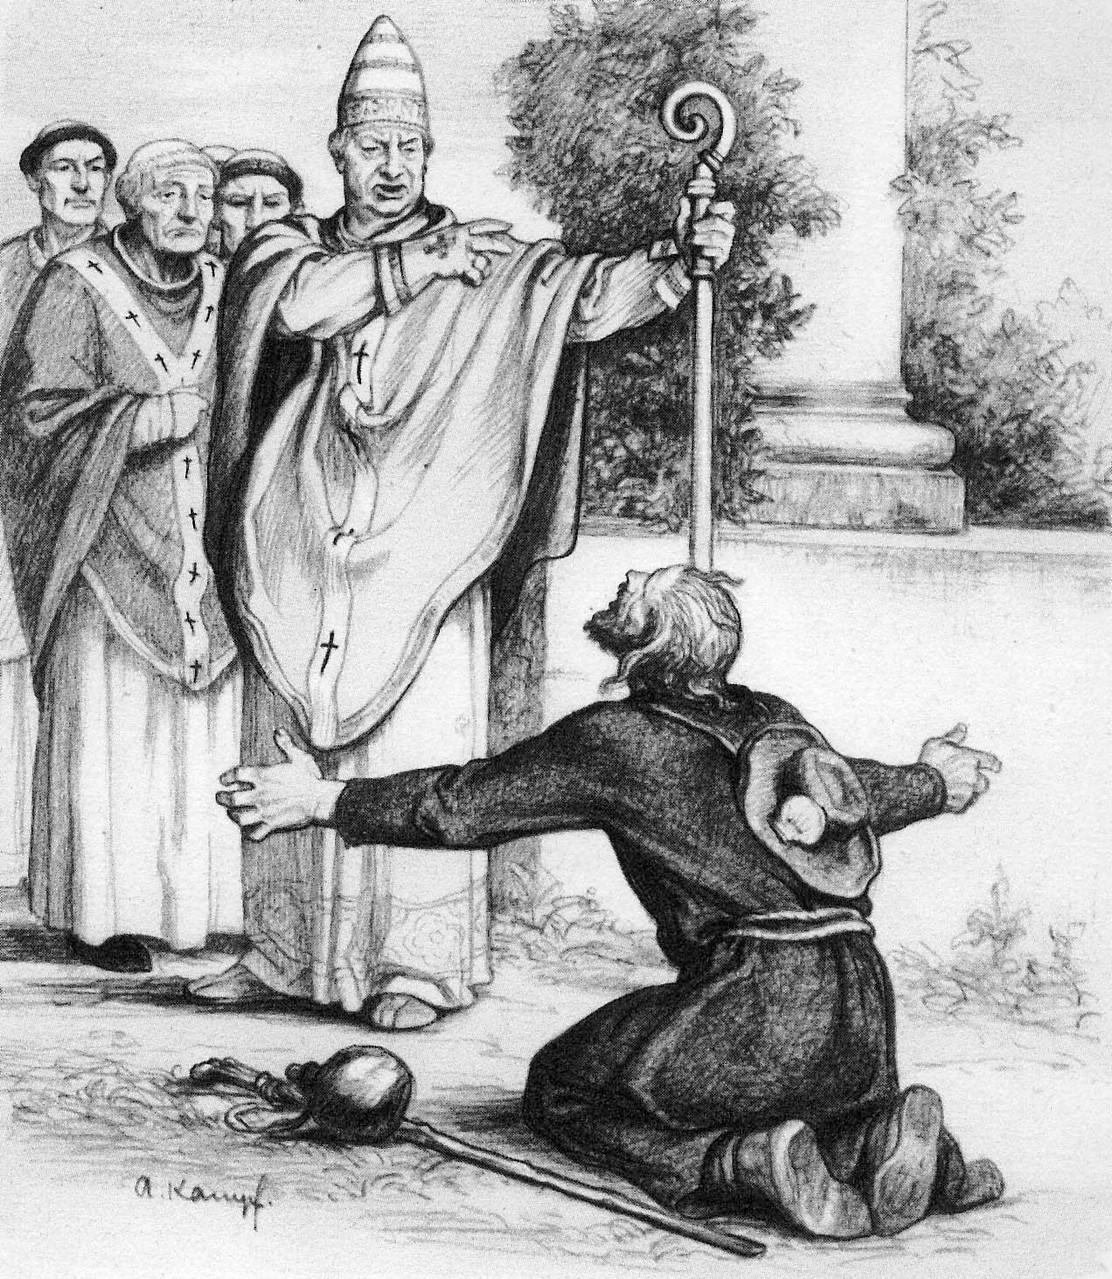 So wie dieser Pilger vor dem Bischof kniete ich vor den Reitern und flehte um mein Leben...